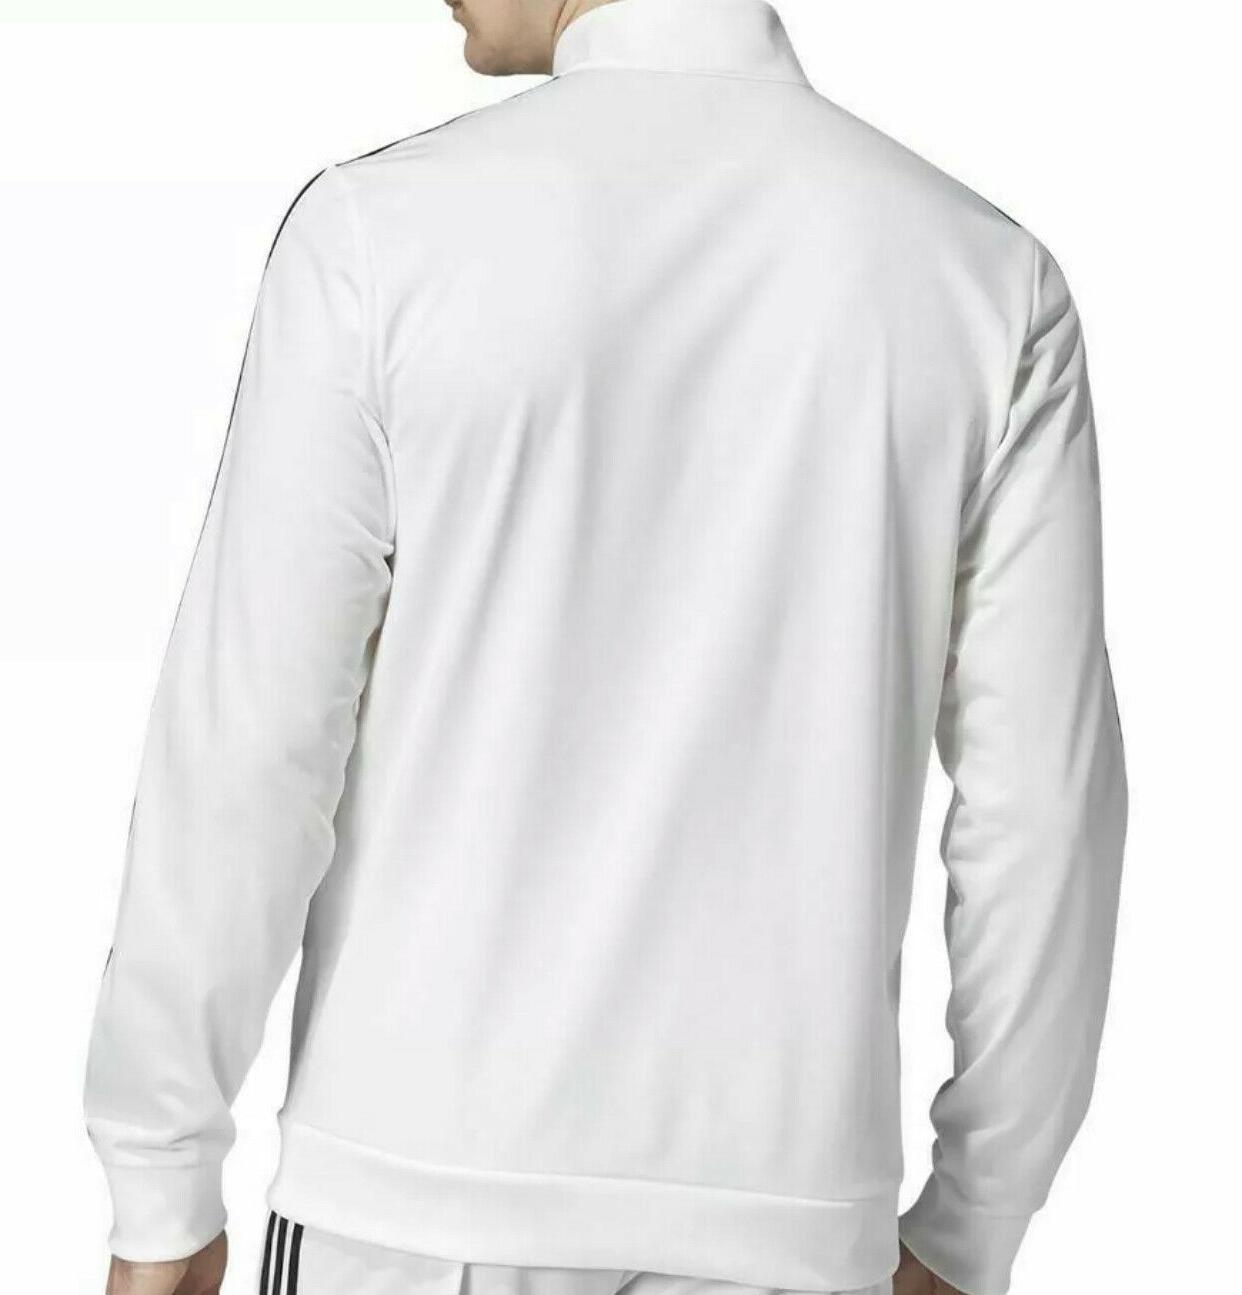 NWT Adidas Tricot EB3989 White